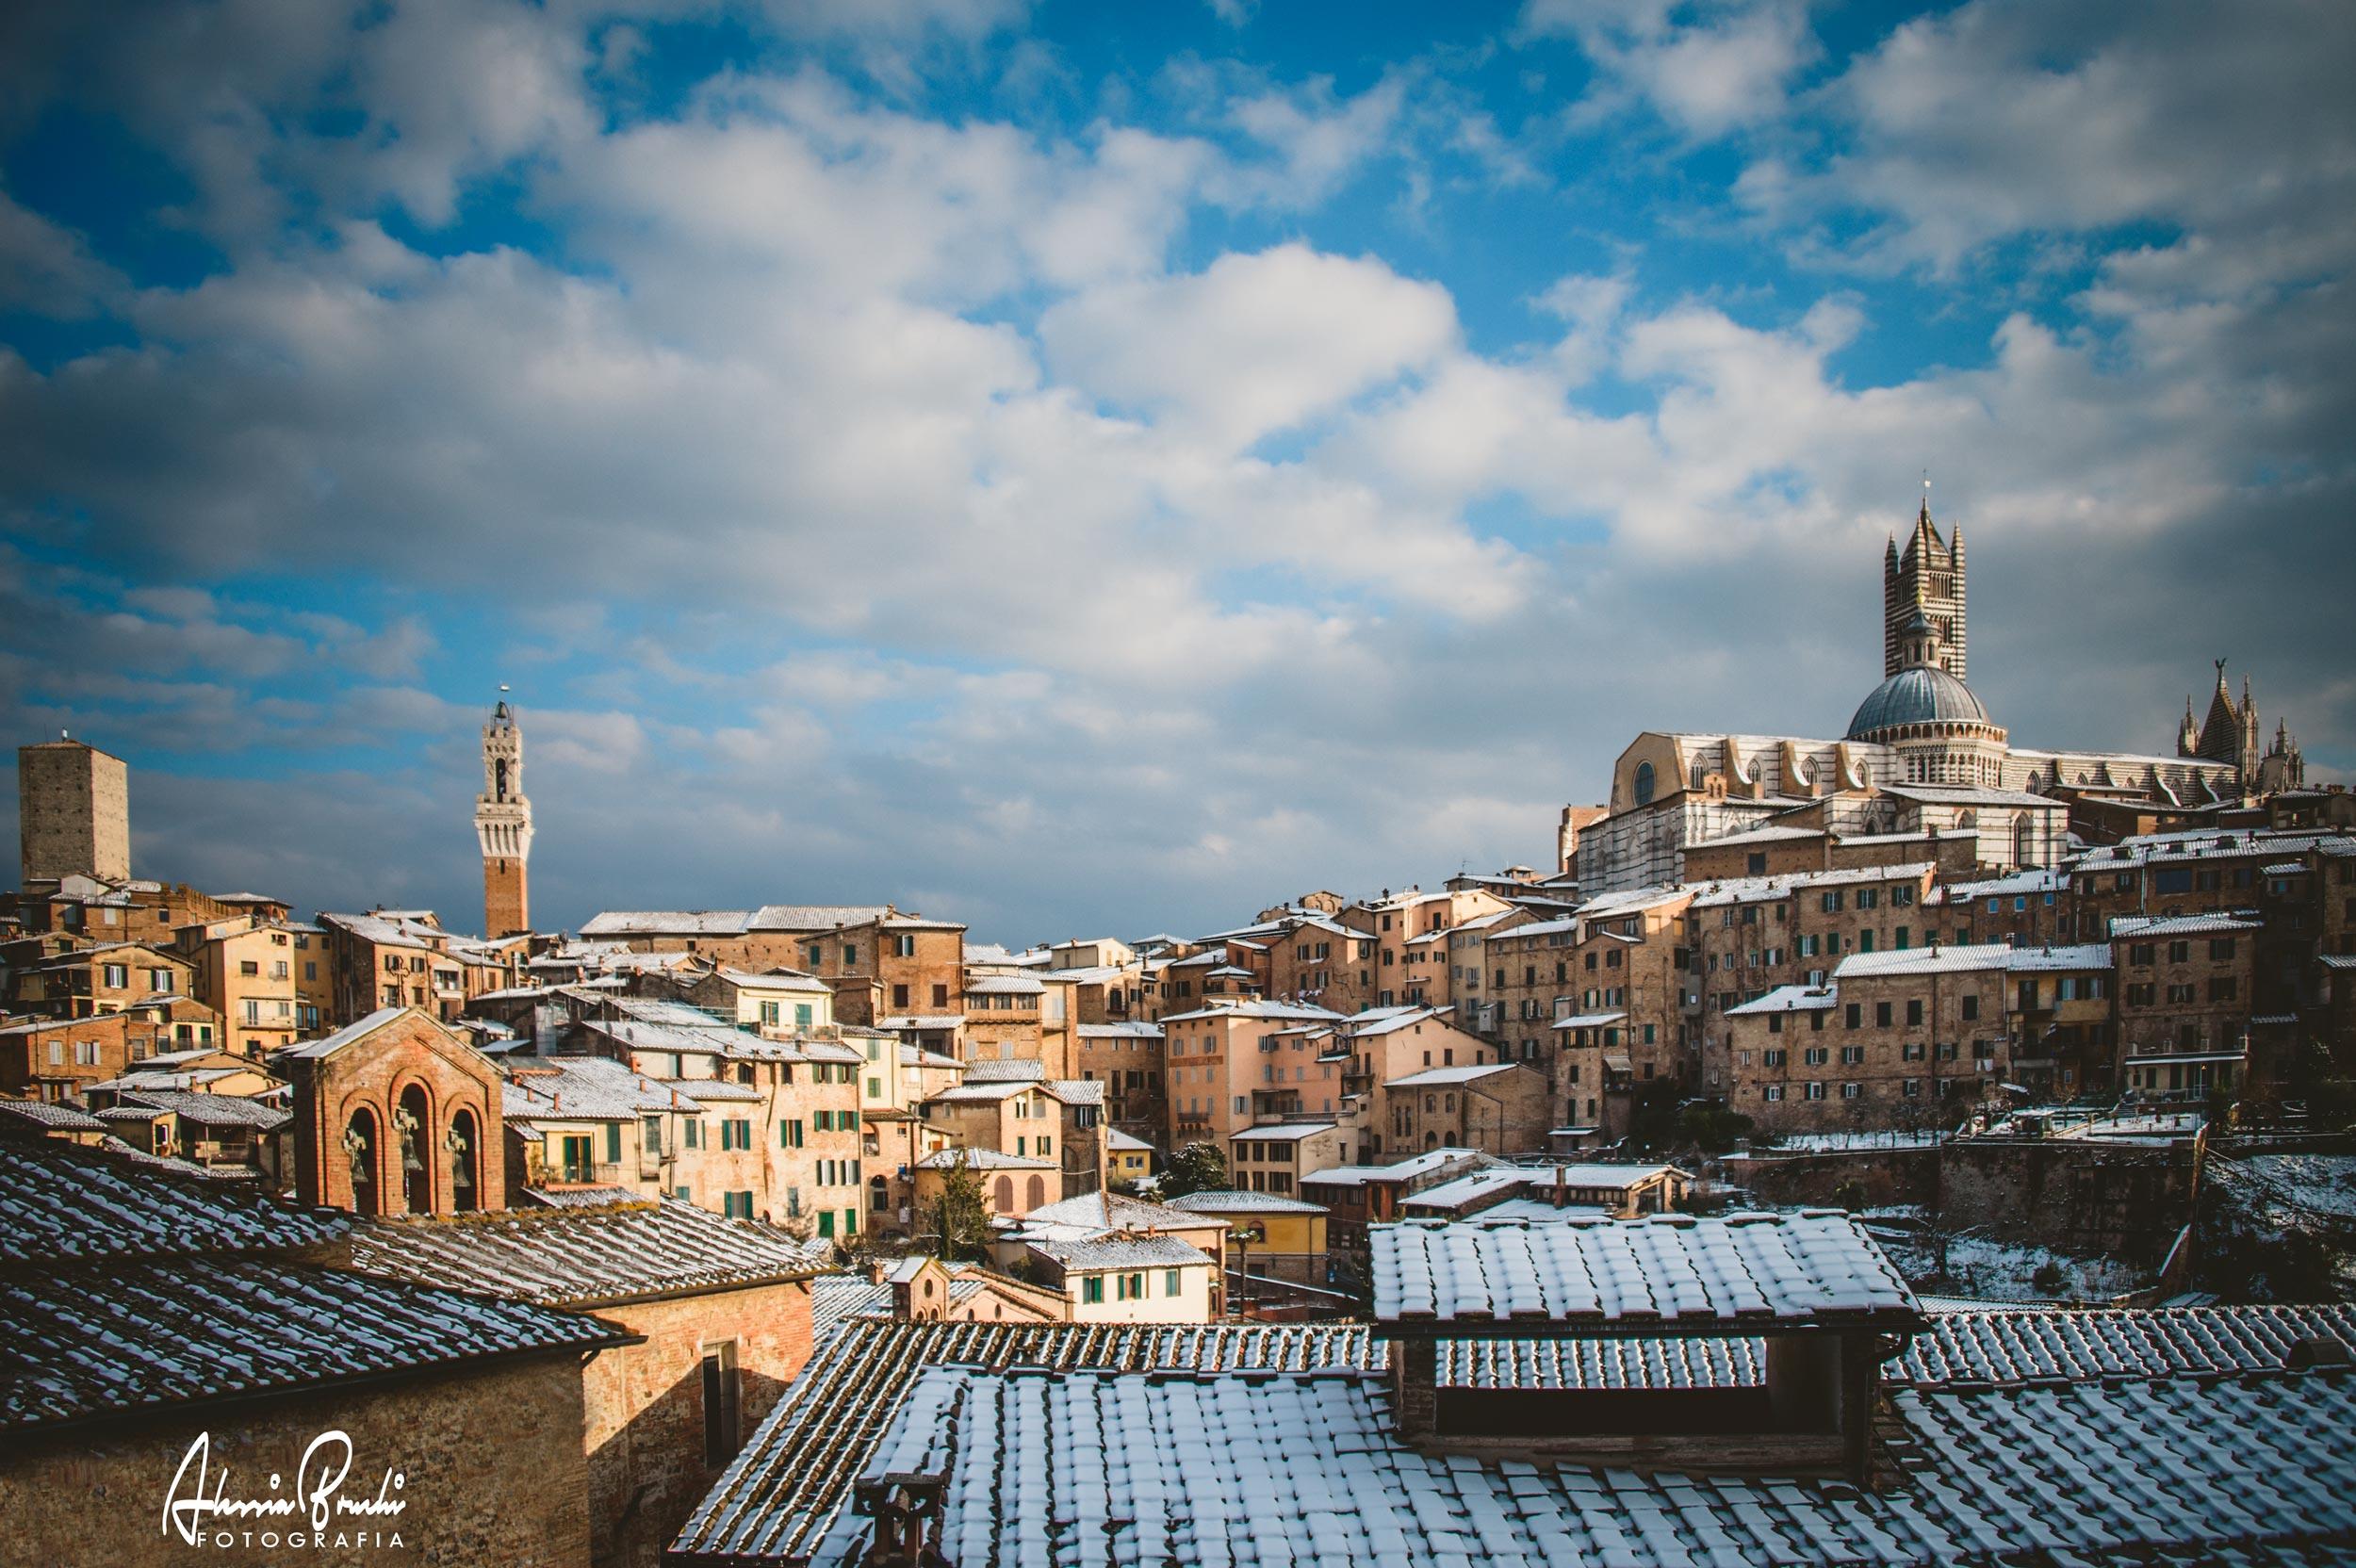 alessia bruchi fotografia landscapes photographer - winter in siena tuscany